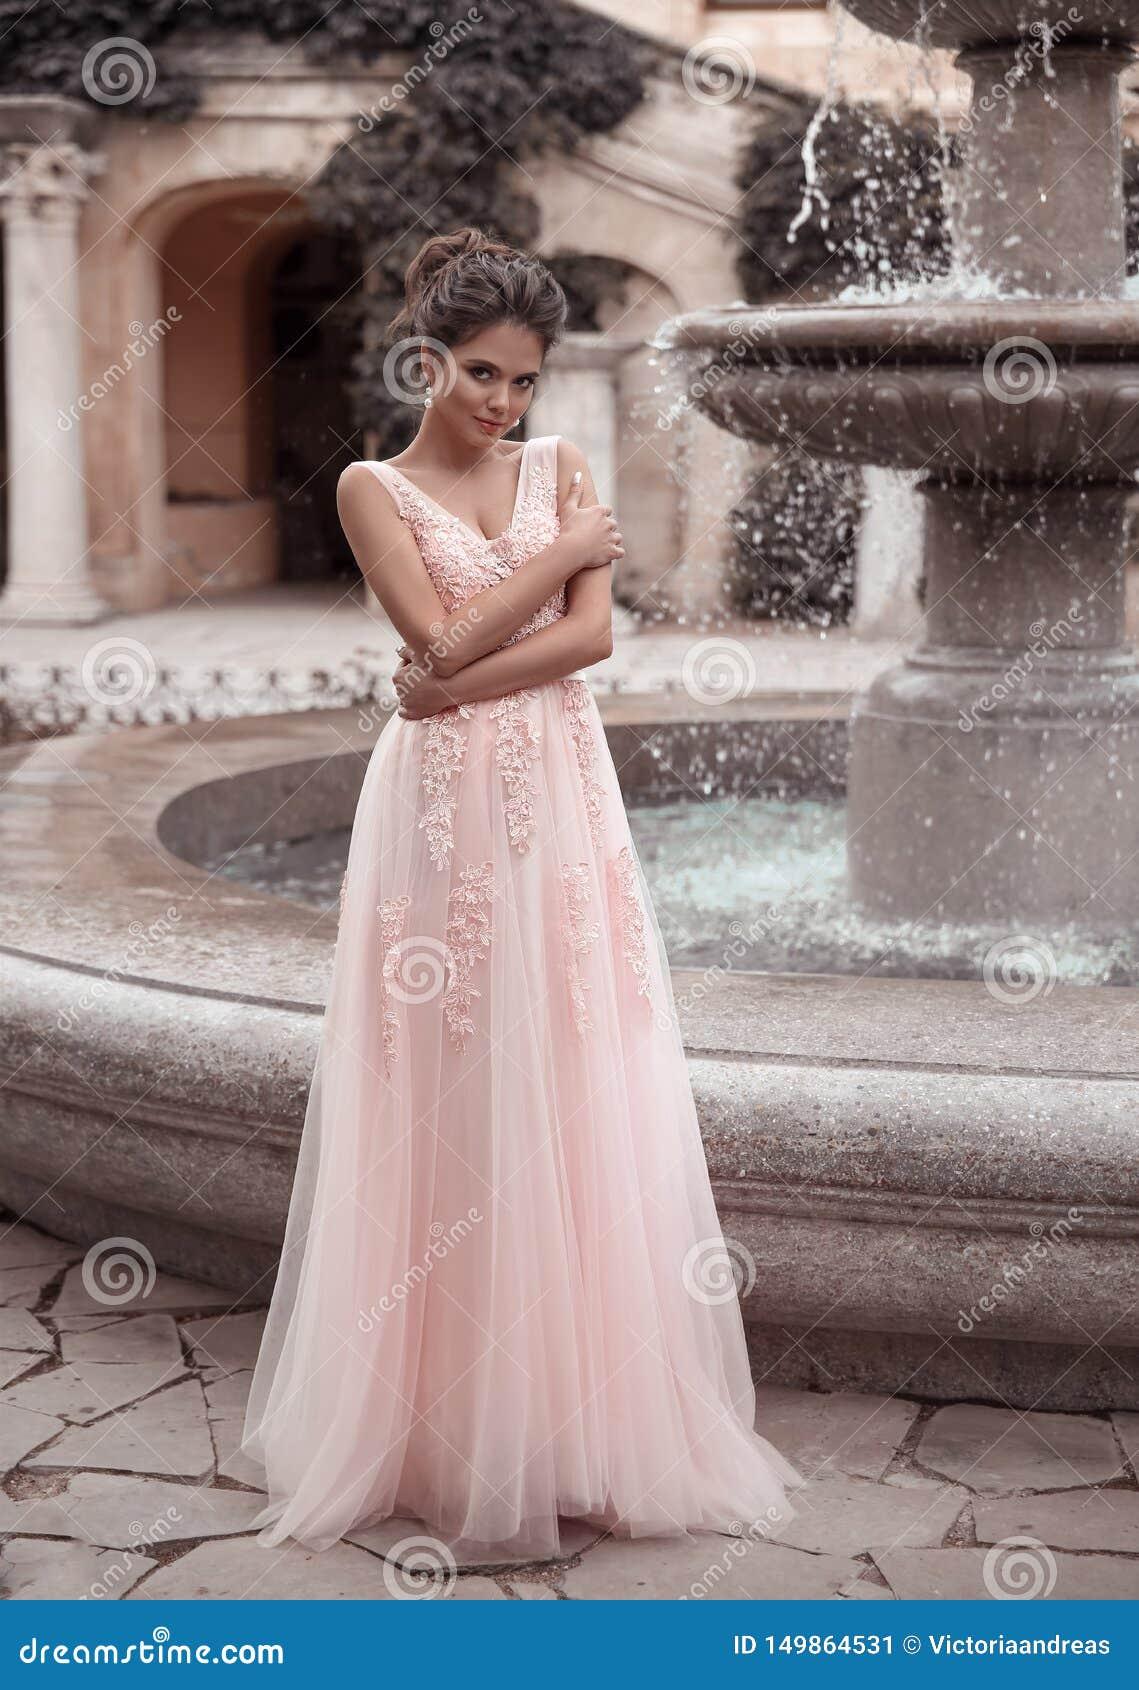 Beautiful Bride In Pink Wedding Dress Outdoor Romantic Portrait